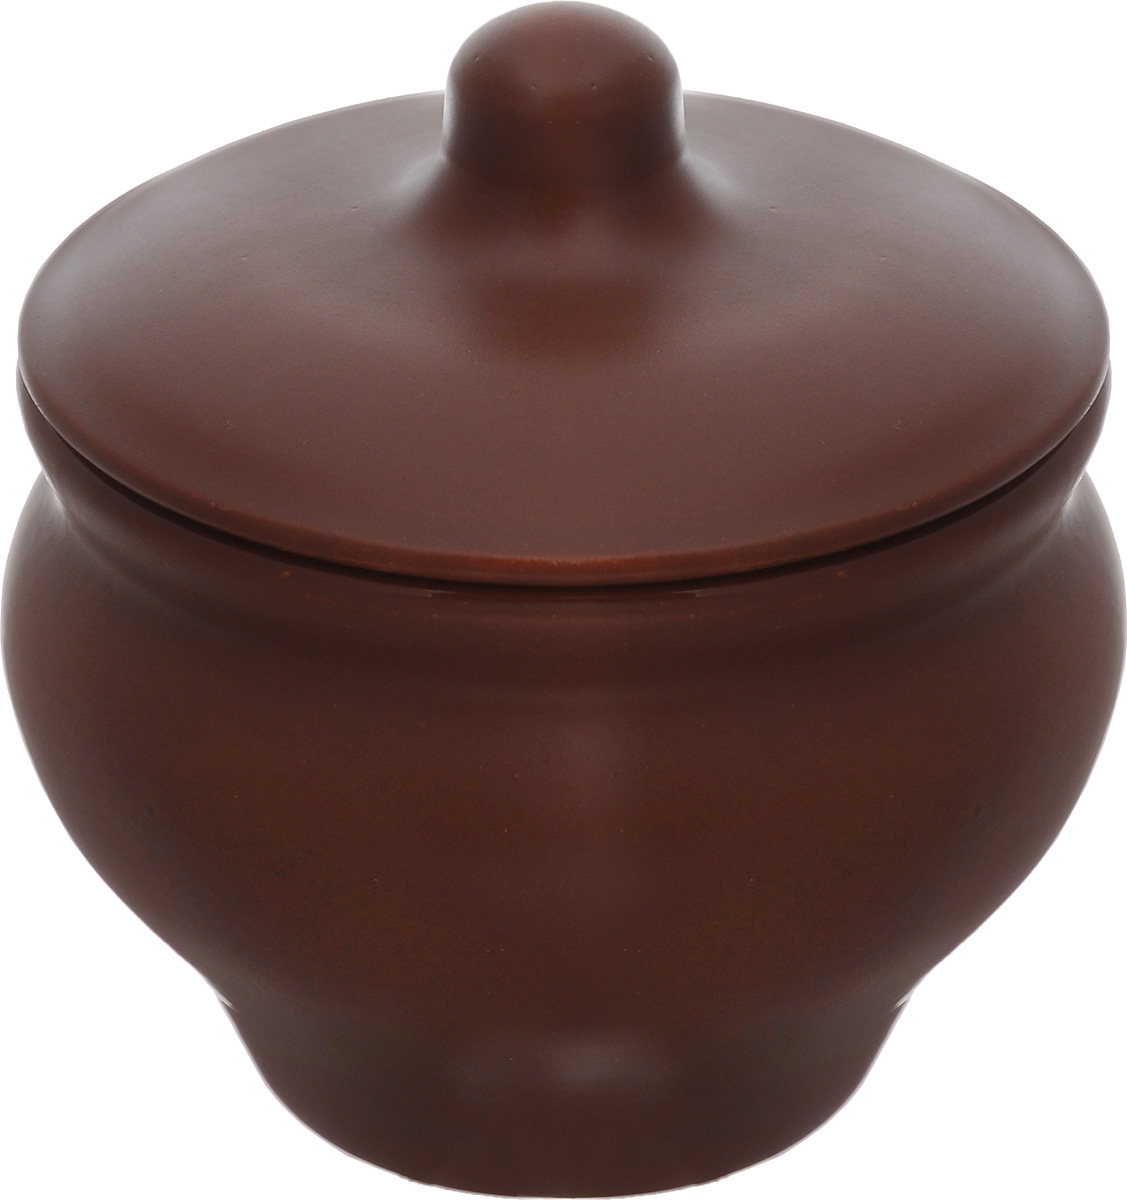 Горшочек для запекания Борисовская керамика Мечта хозяйки, цвет: коричневый, 350 млШЛК14457931_коричневыйЕсли вы любите готовить небольшие блюда, вроде сытных жульенов или отдельно запеченного мяса – горшочек Борисовская керамика Мечта хозяйки именно для вас. Объем изделия позволяет использовать его для приготовления мини-блюд.Но это еще не все - горшочек будет очень удобен для хранения специй и приправ. Он выполнен из высококачественной керамики. В результате вы получаете одновременно посуду для приготовления и емкость для хранения.Горшочек подходит для использования в духовке и микроволновой печи.Диаметр (по верхнему краю): 9,7 см.Высота горшочка (без учета крышки): 8 см.